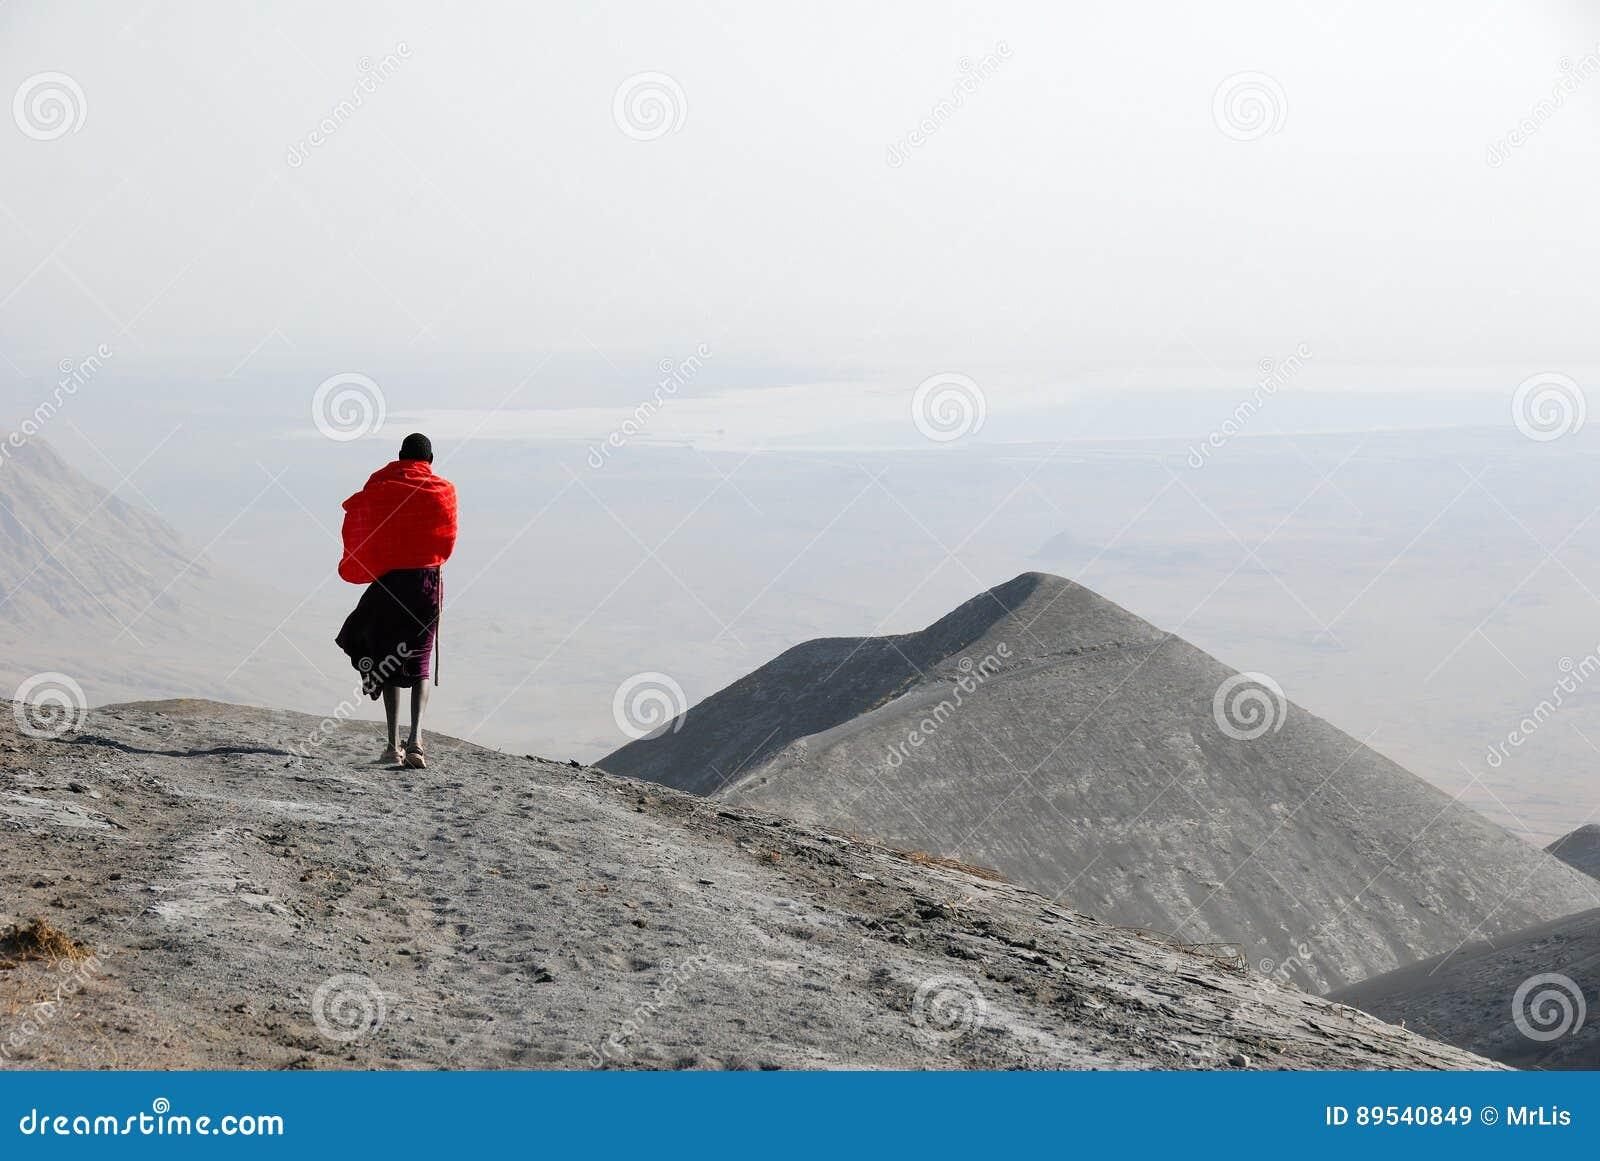 5a92299ec Homem Nos Montes Cobertos Por Cinzas Vulcânicas